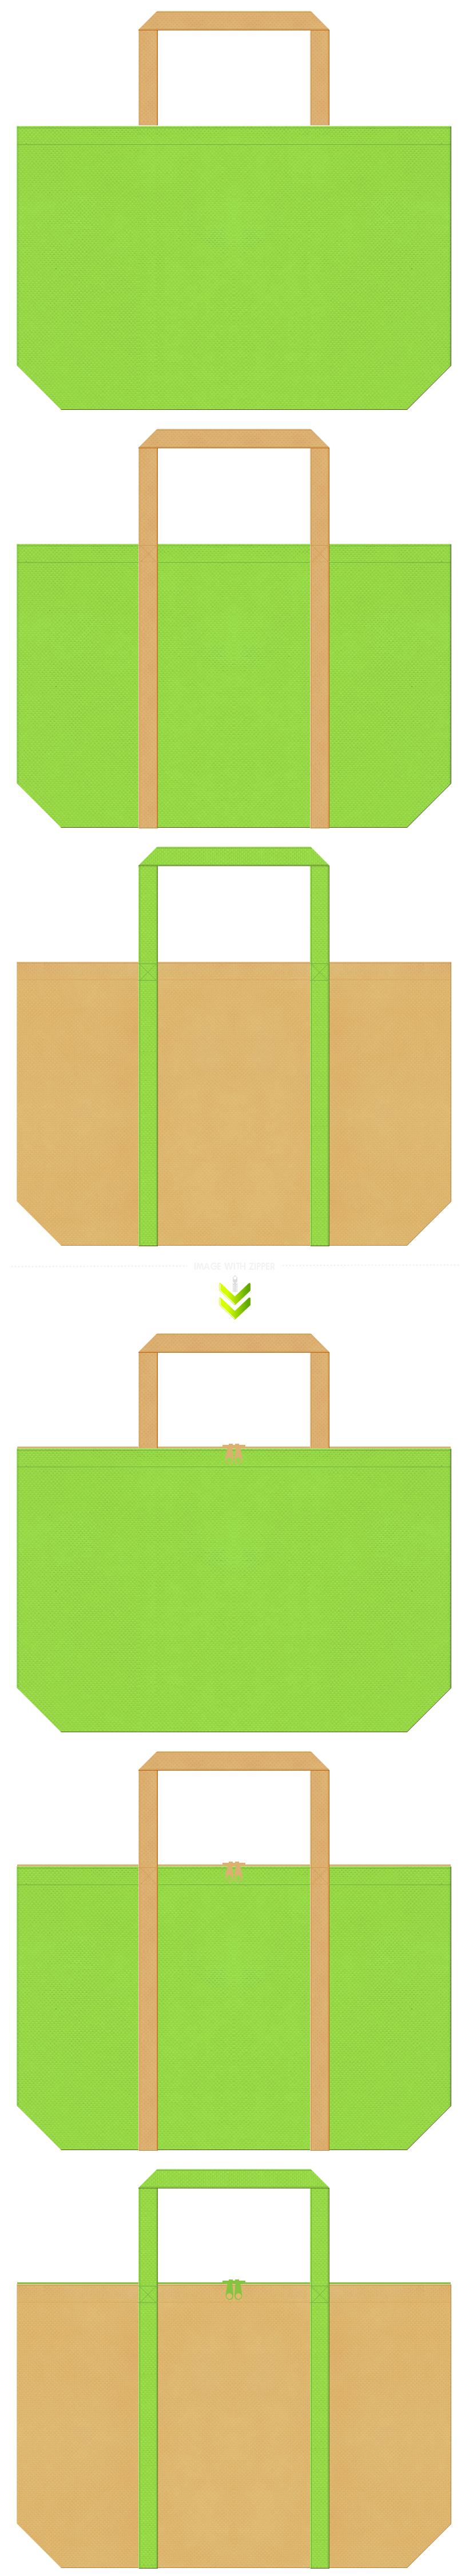 黄緑色と薄黄土色の不織布エコバッグのデザイン。牧場イメージにお奨めの配色です。